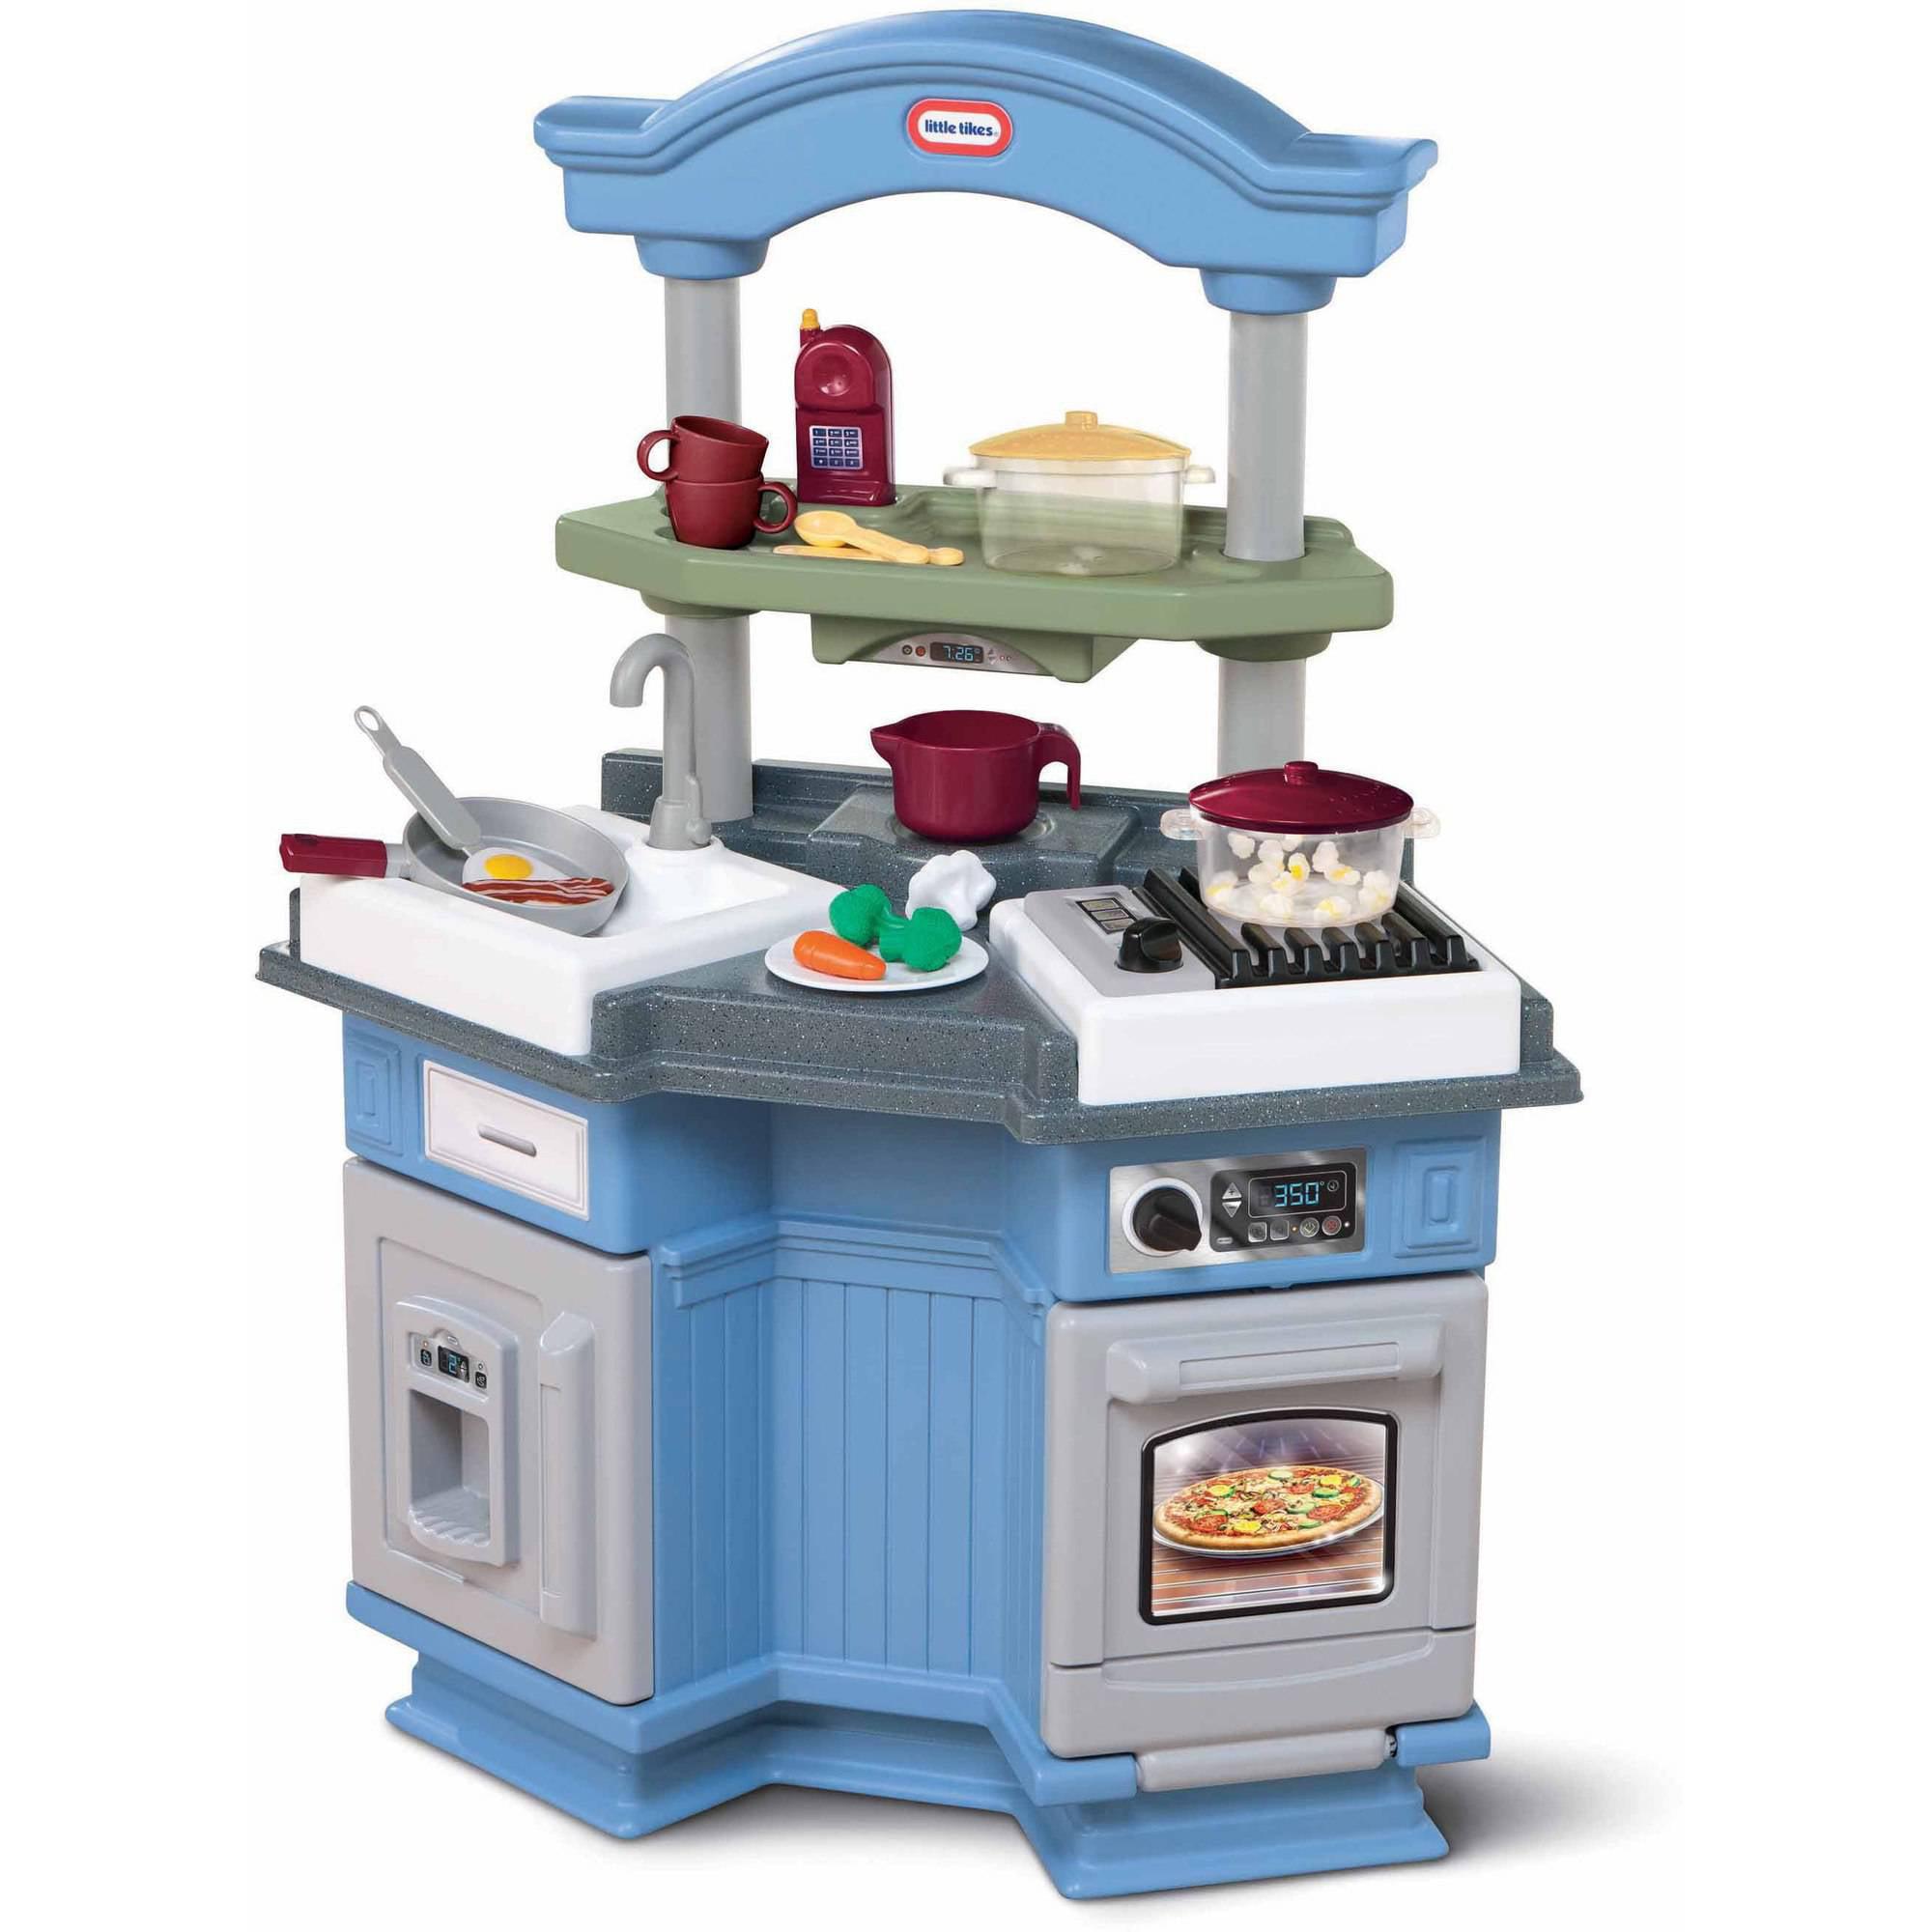 little tikes sizzle 'n pop kitchen - walmart